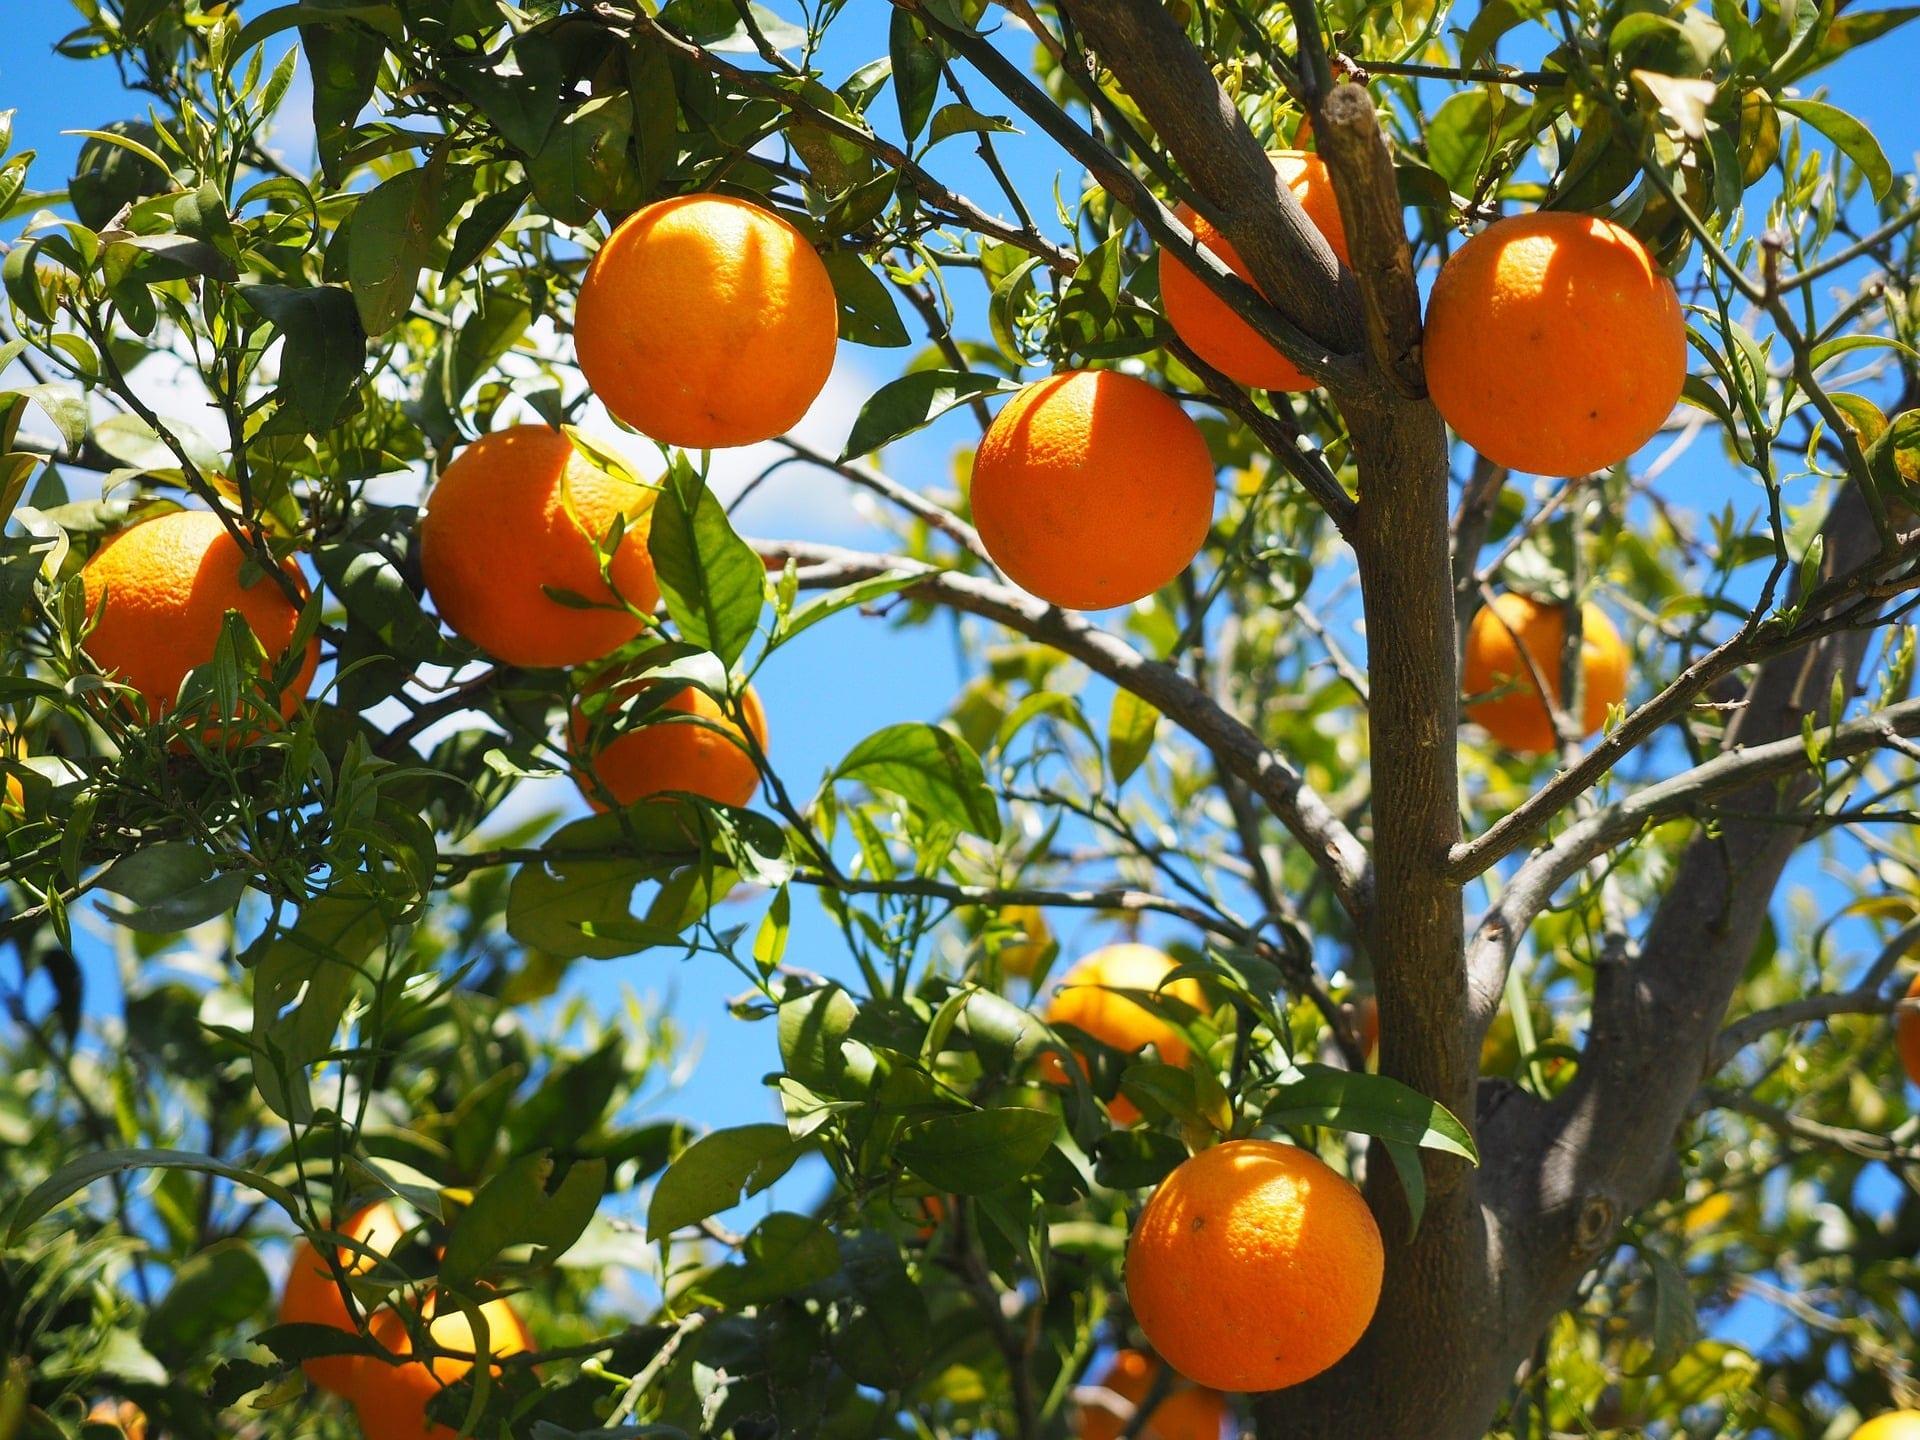 Norte de Minas - Região do Norte de Minas se torna referência em produção de frutas